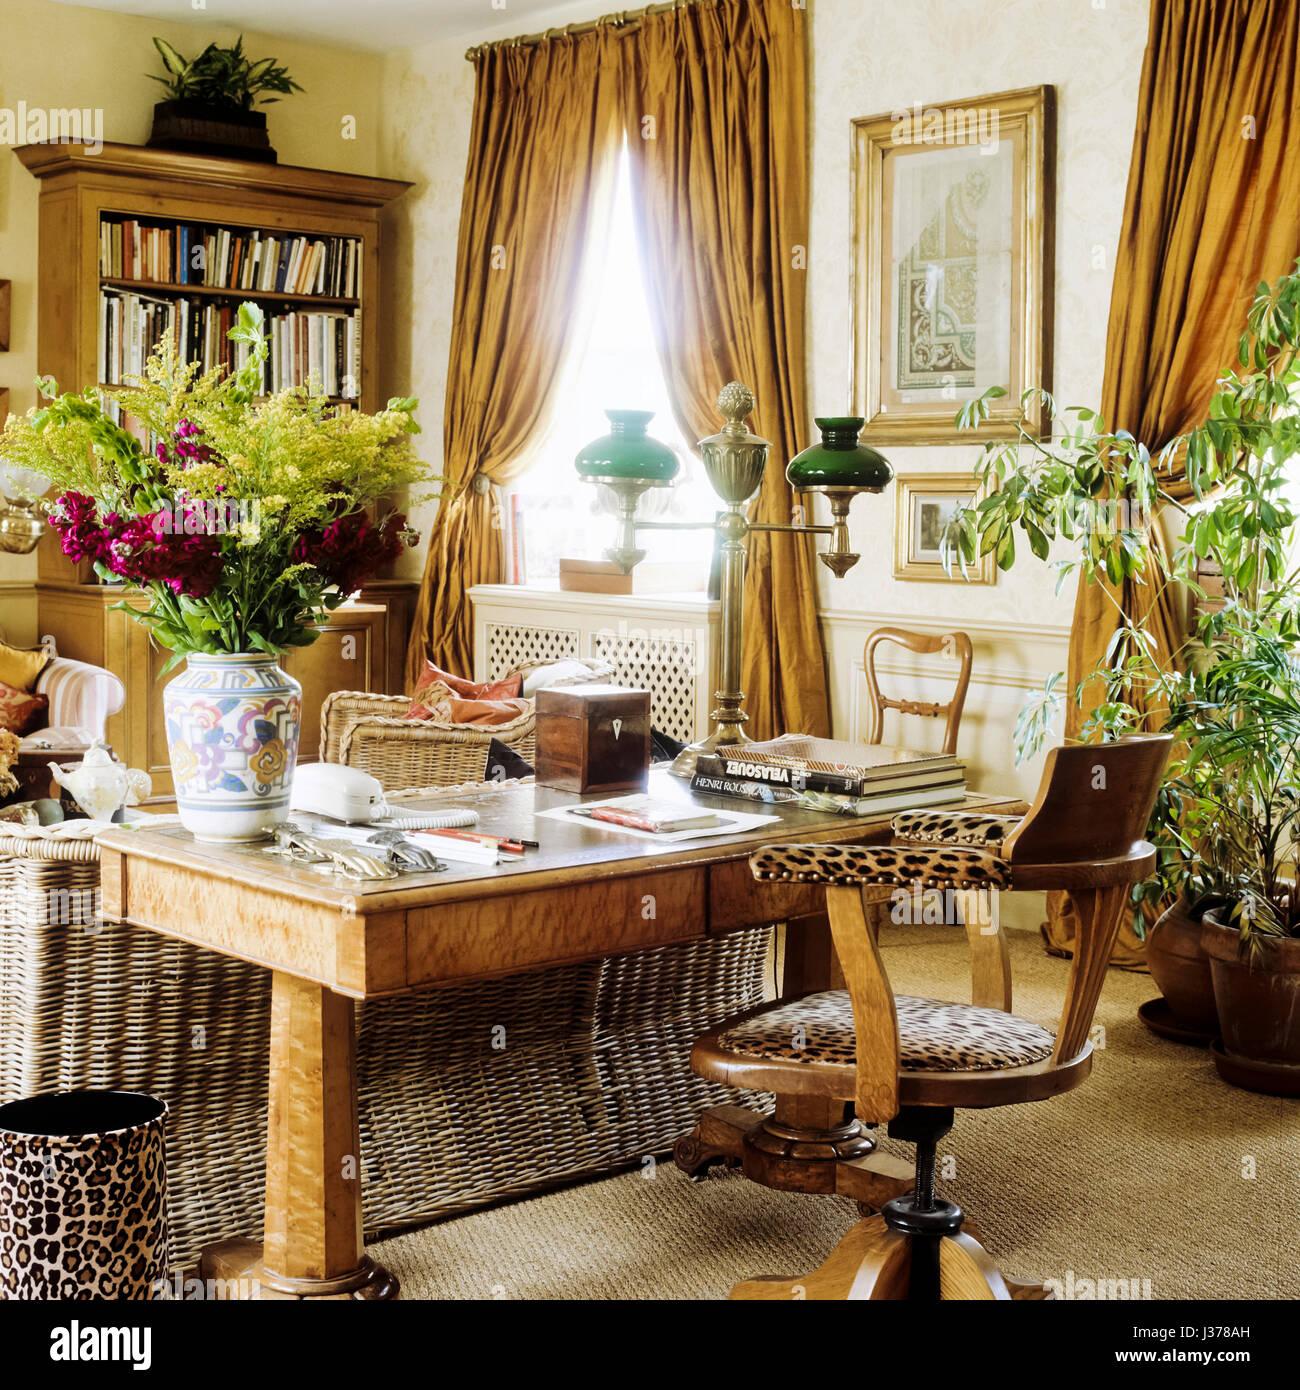 Wohnzimmer Mit Schreibtisch.